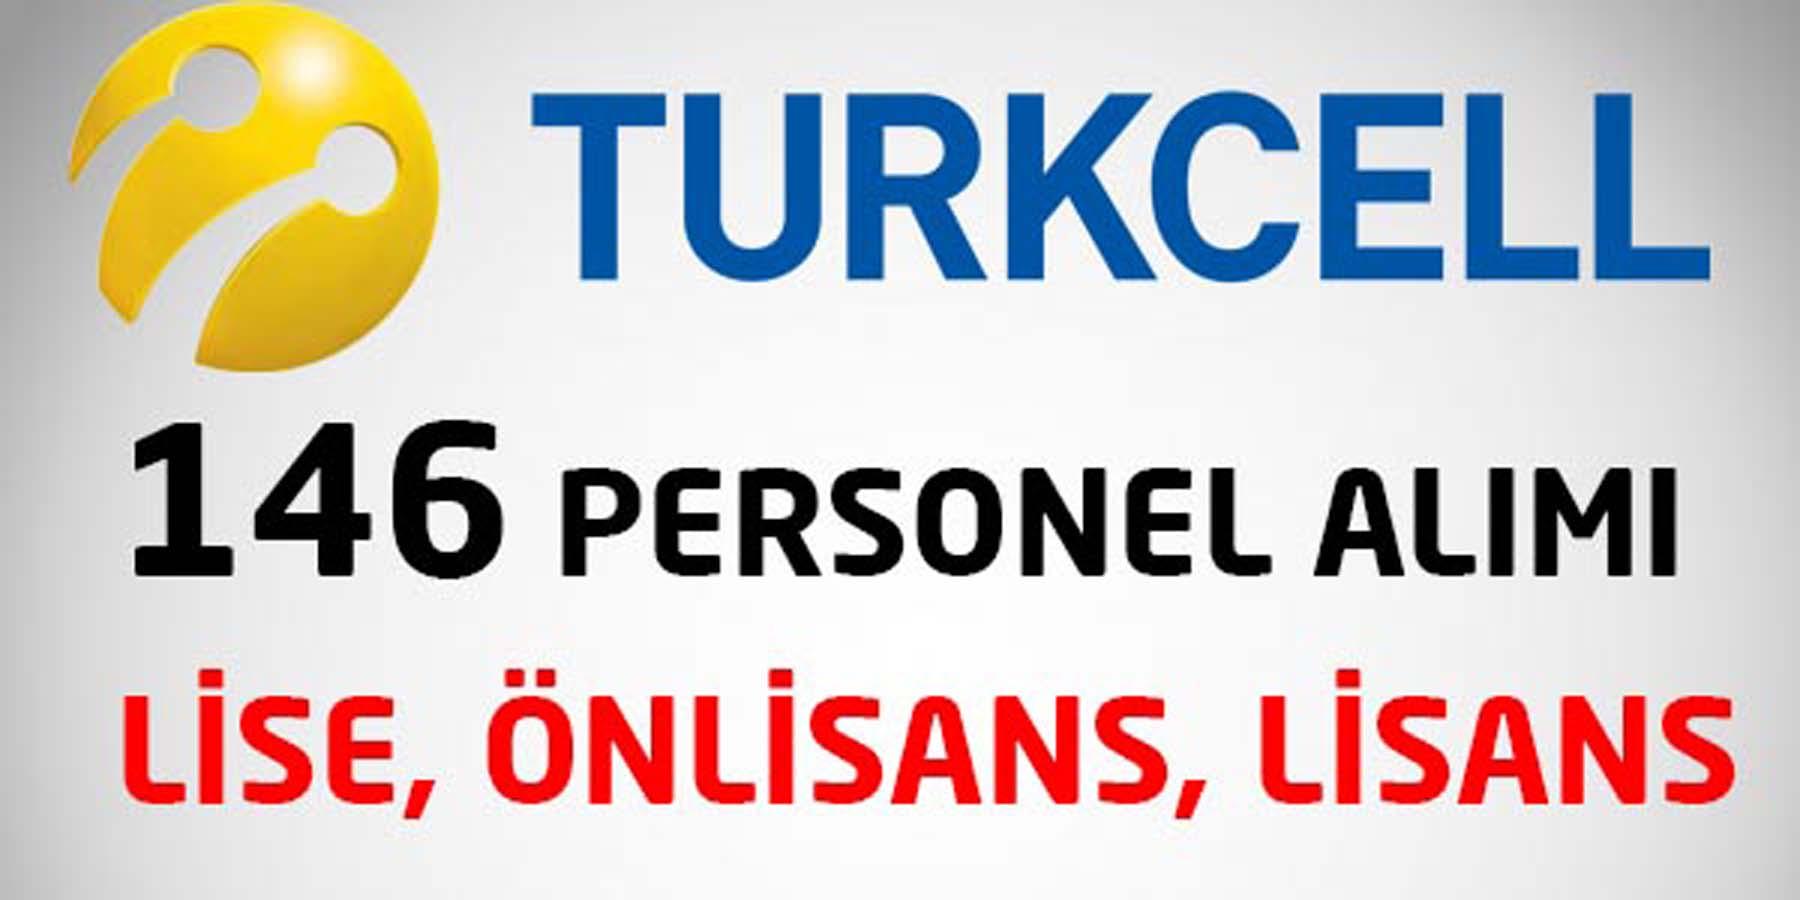 Turkcell Ağustos 2016 Personel Alımı